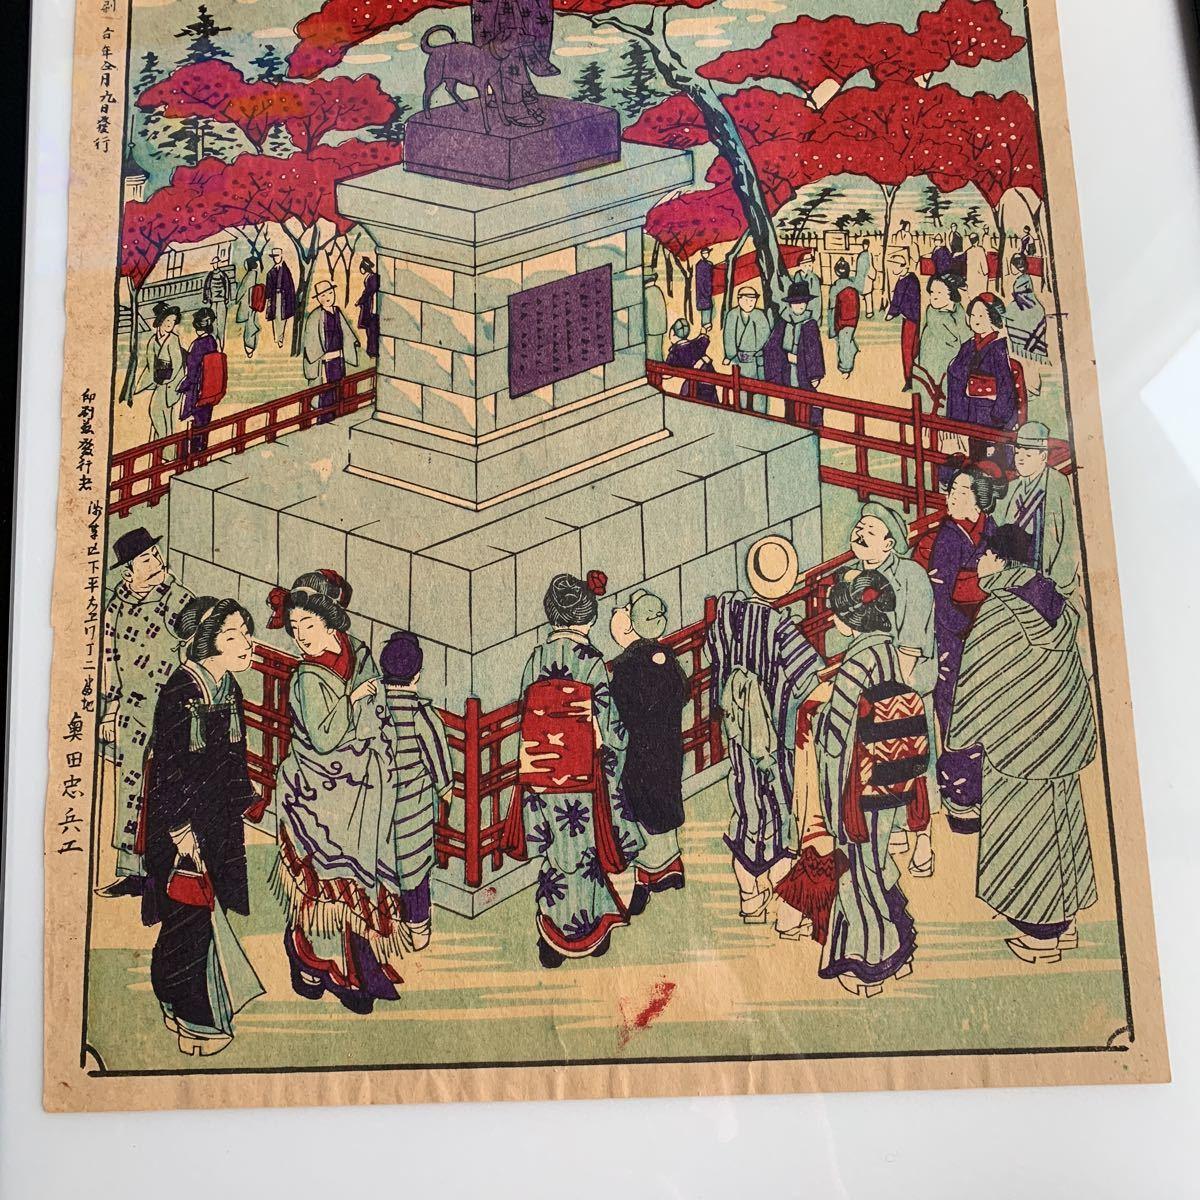 東京名所 上野公園内西郷銅像 版画 明治32年2月6日印刷_画像4